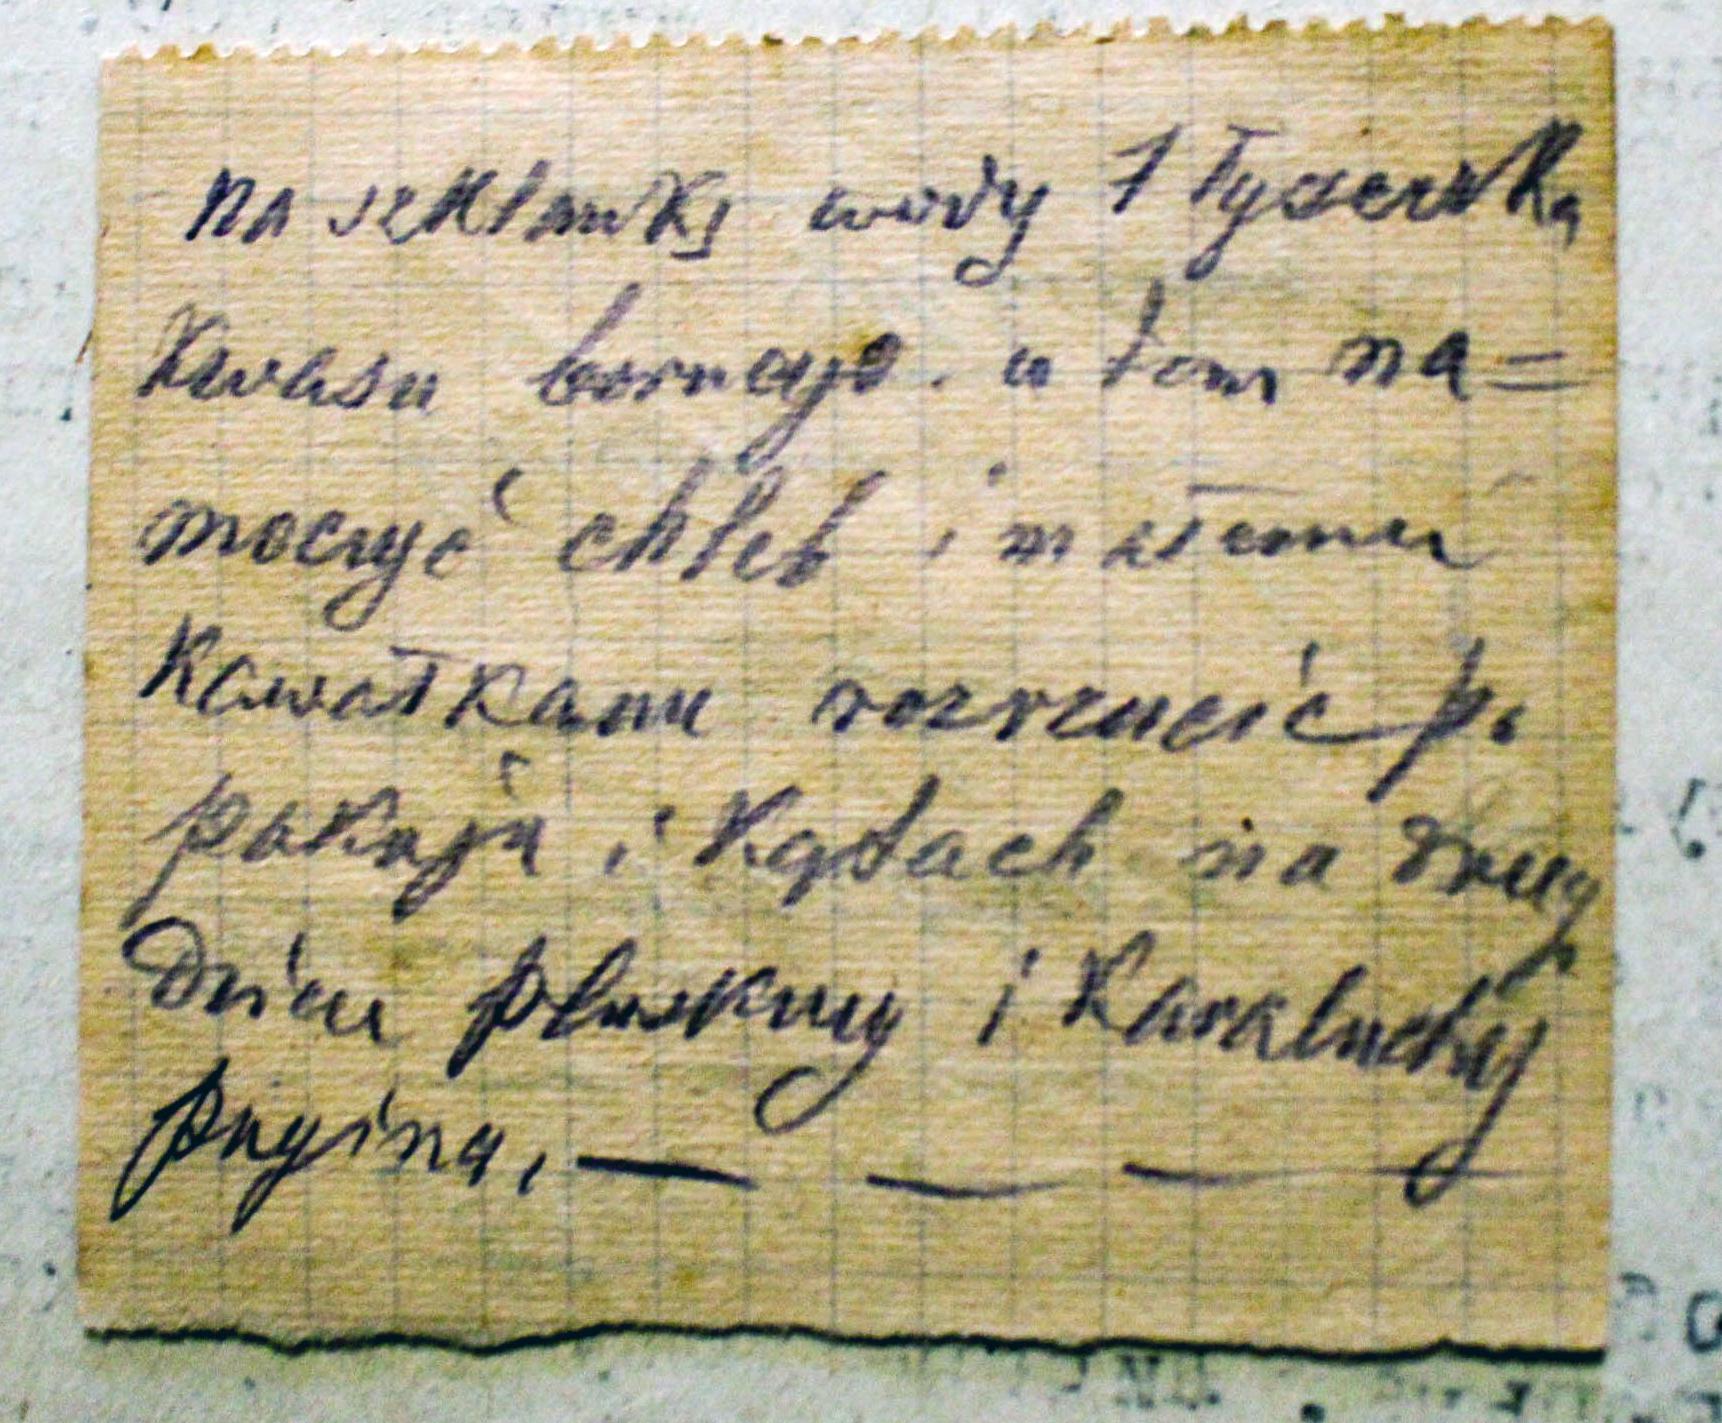 Instrukcja w języku polskim o pozbyciu się karaluchów w domu, którą bolszewicy uznali za dowód w sprawie Prolińskiego